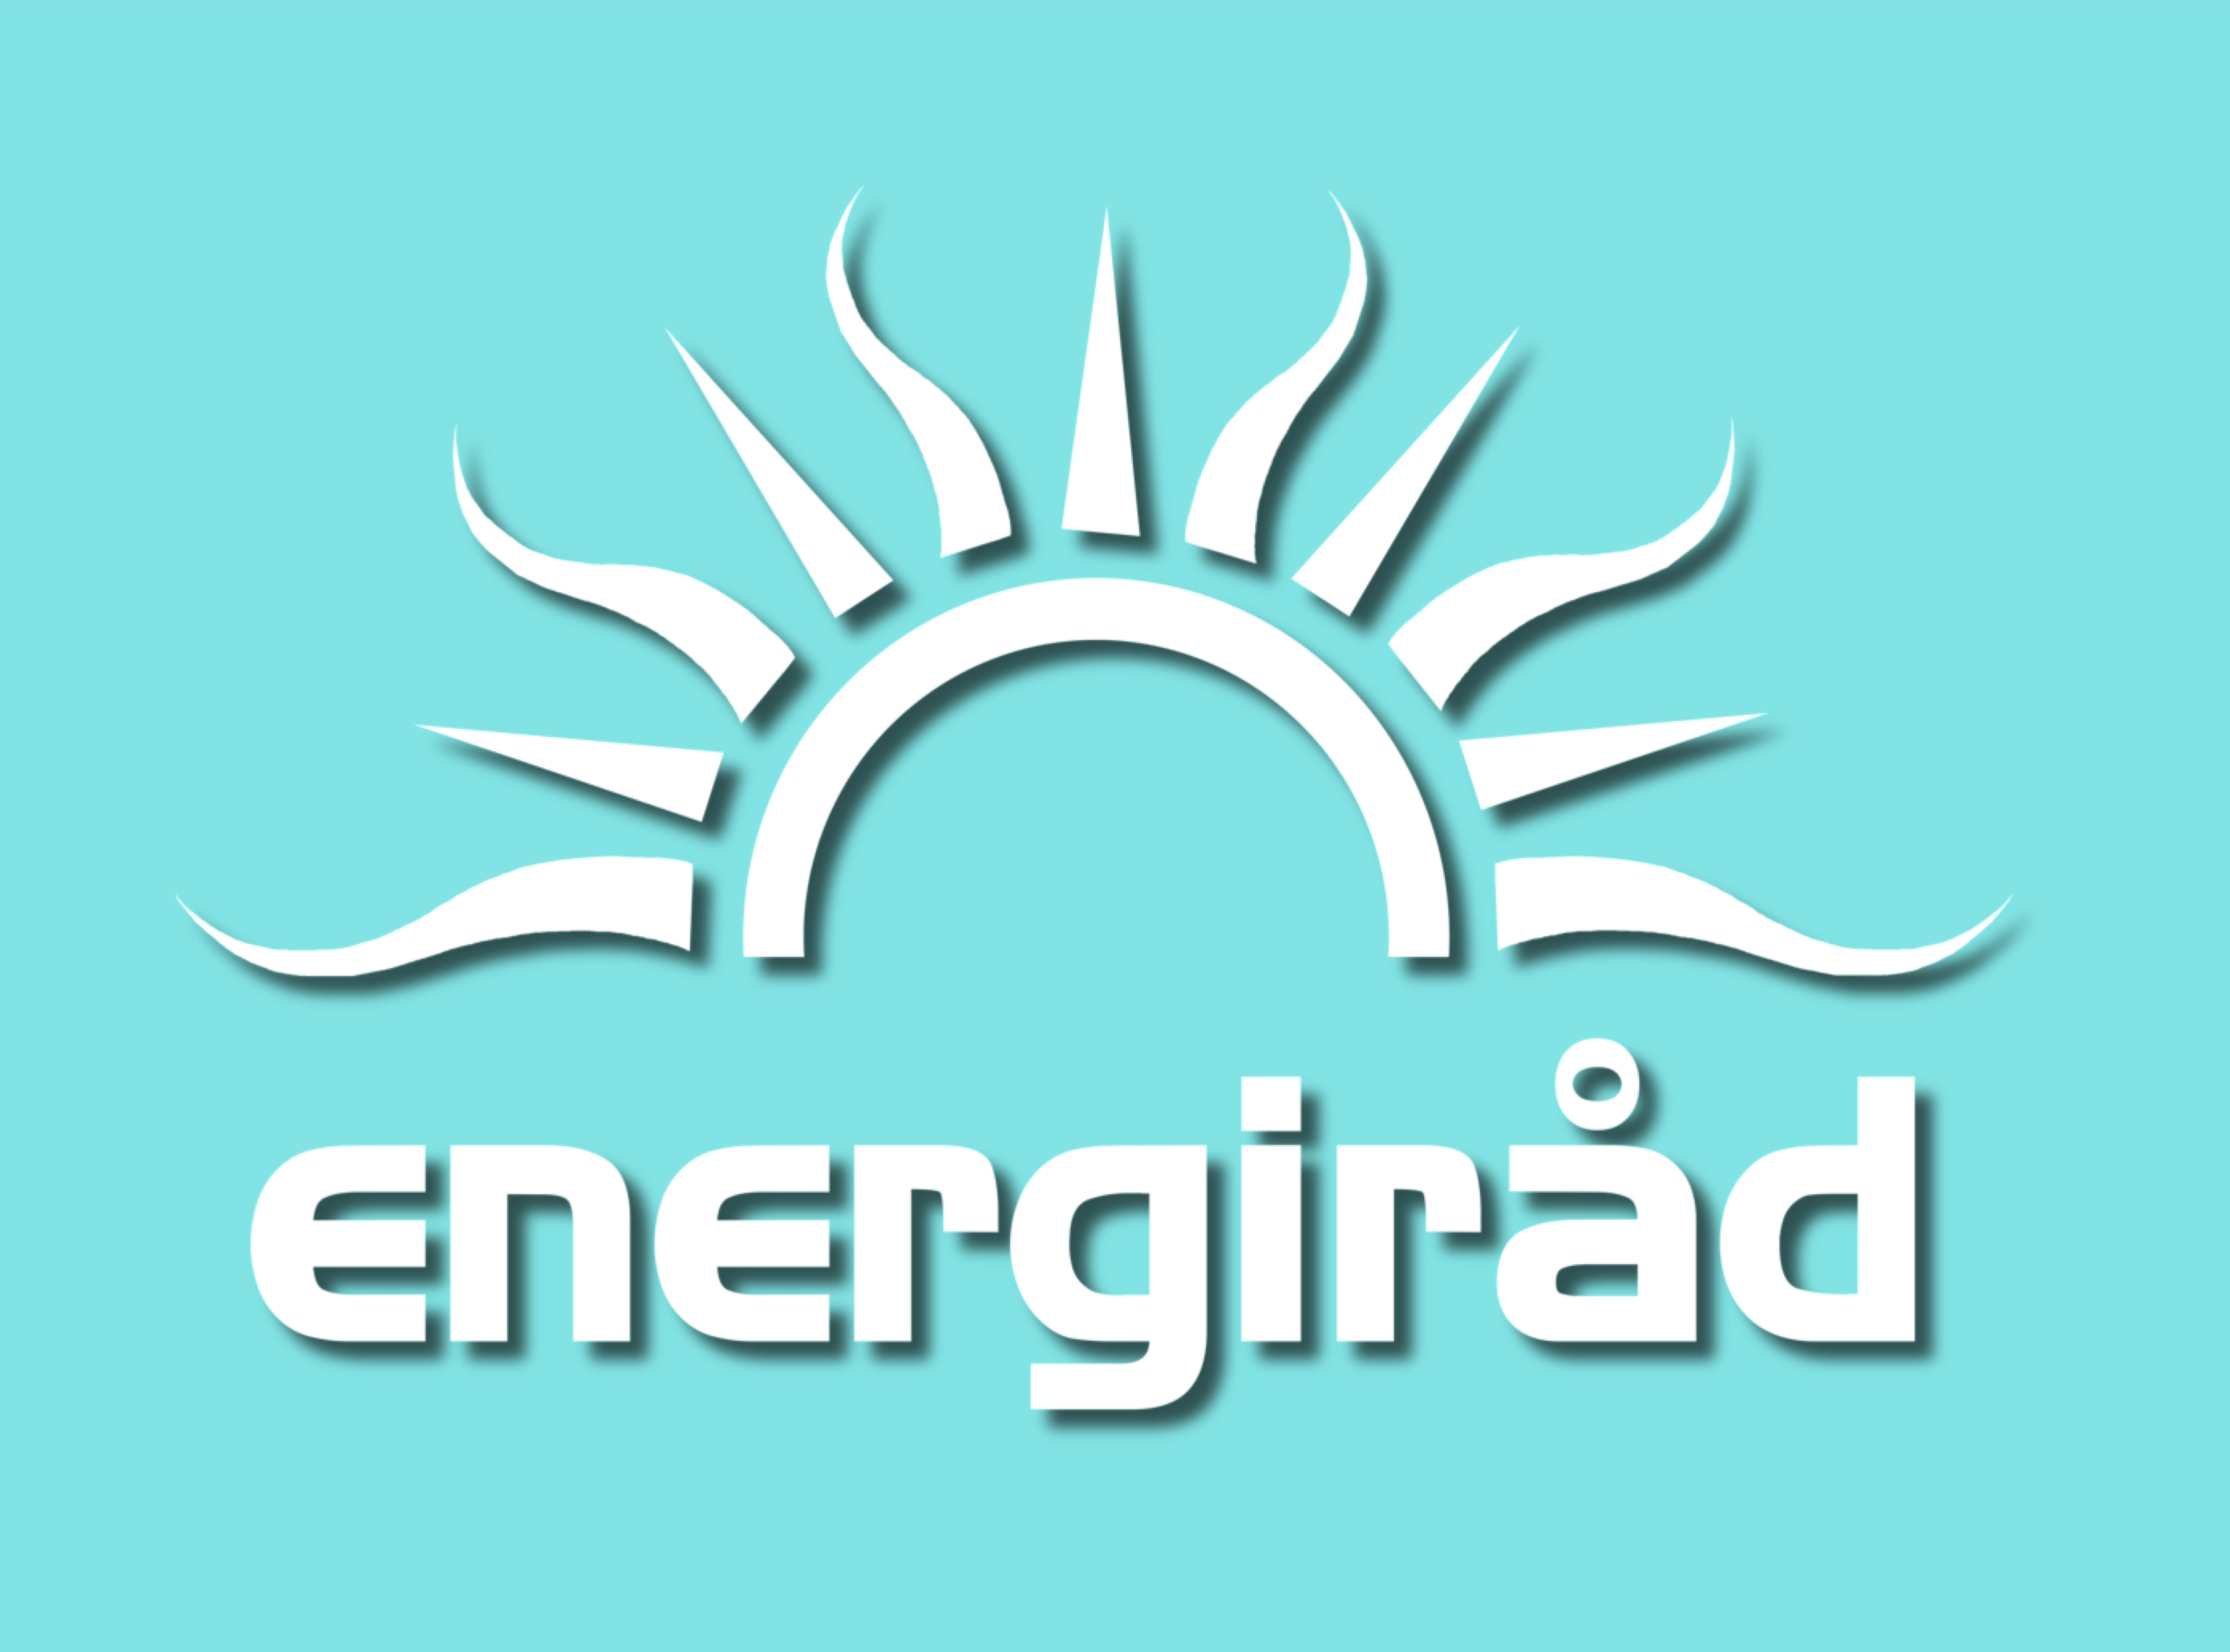 Energiråd's logo.